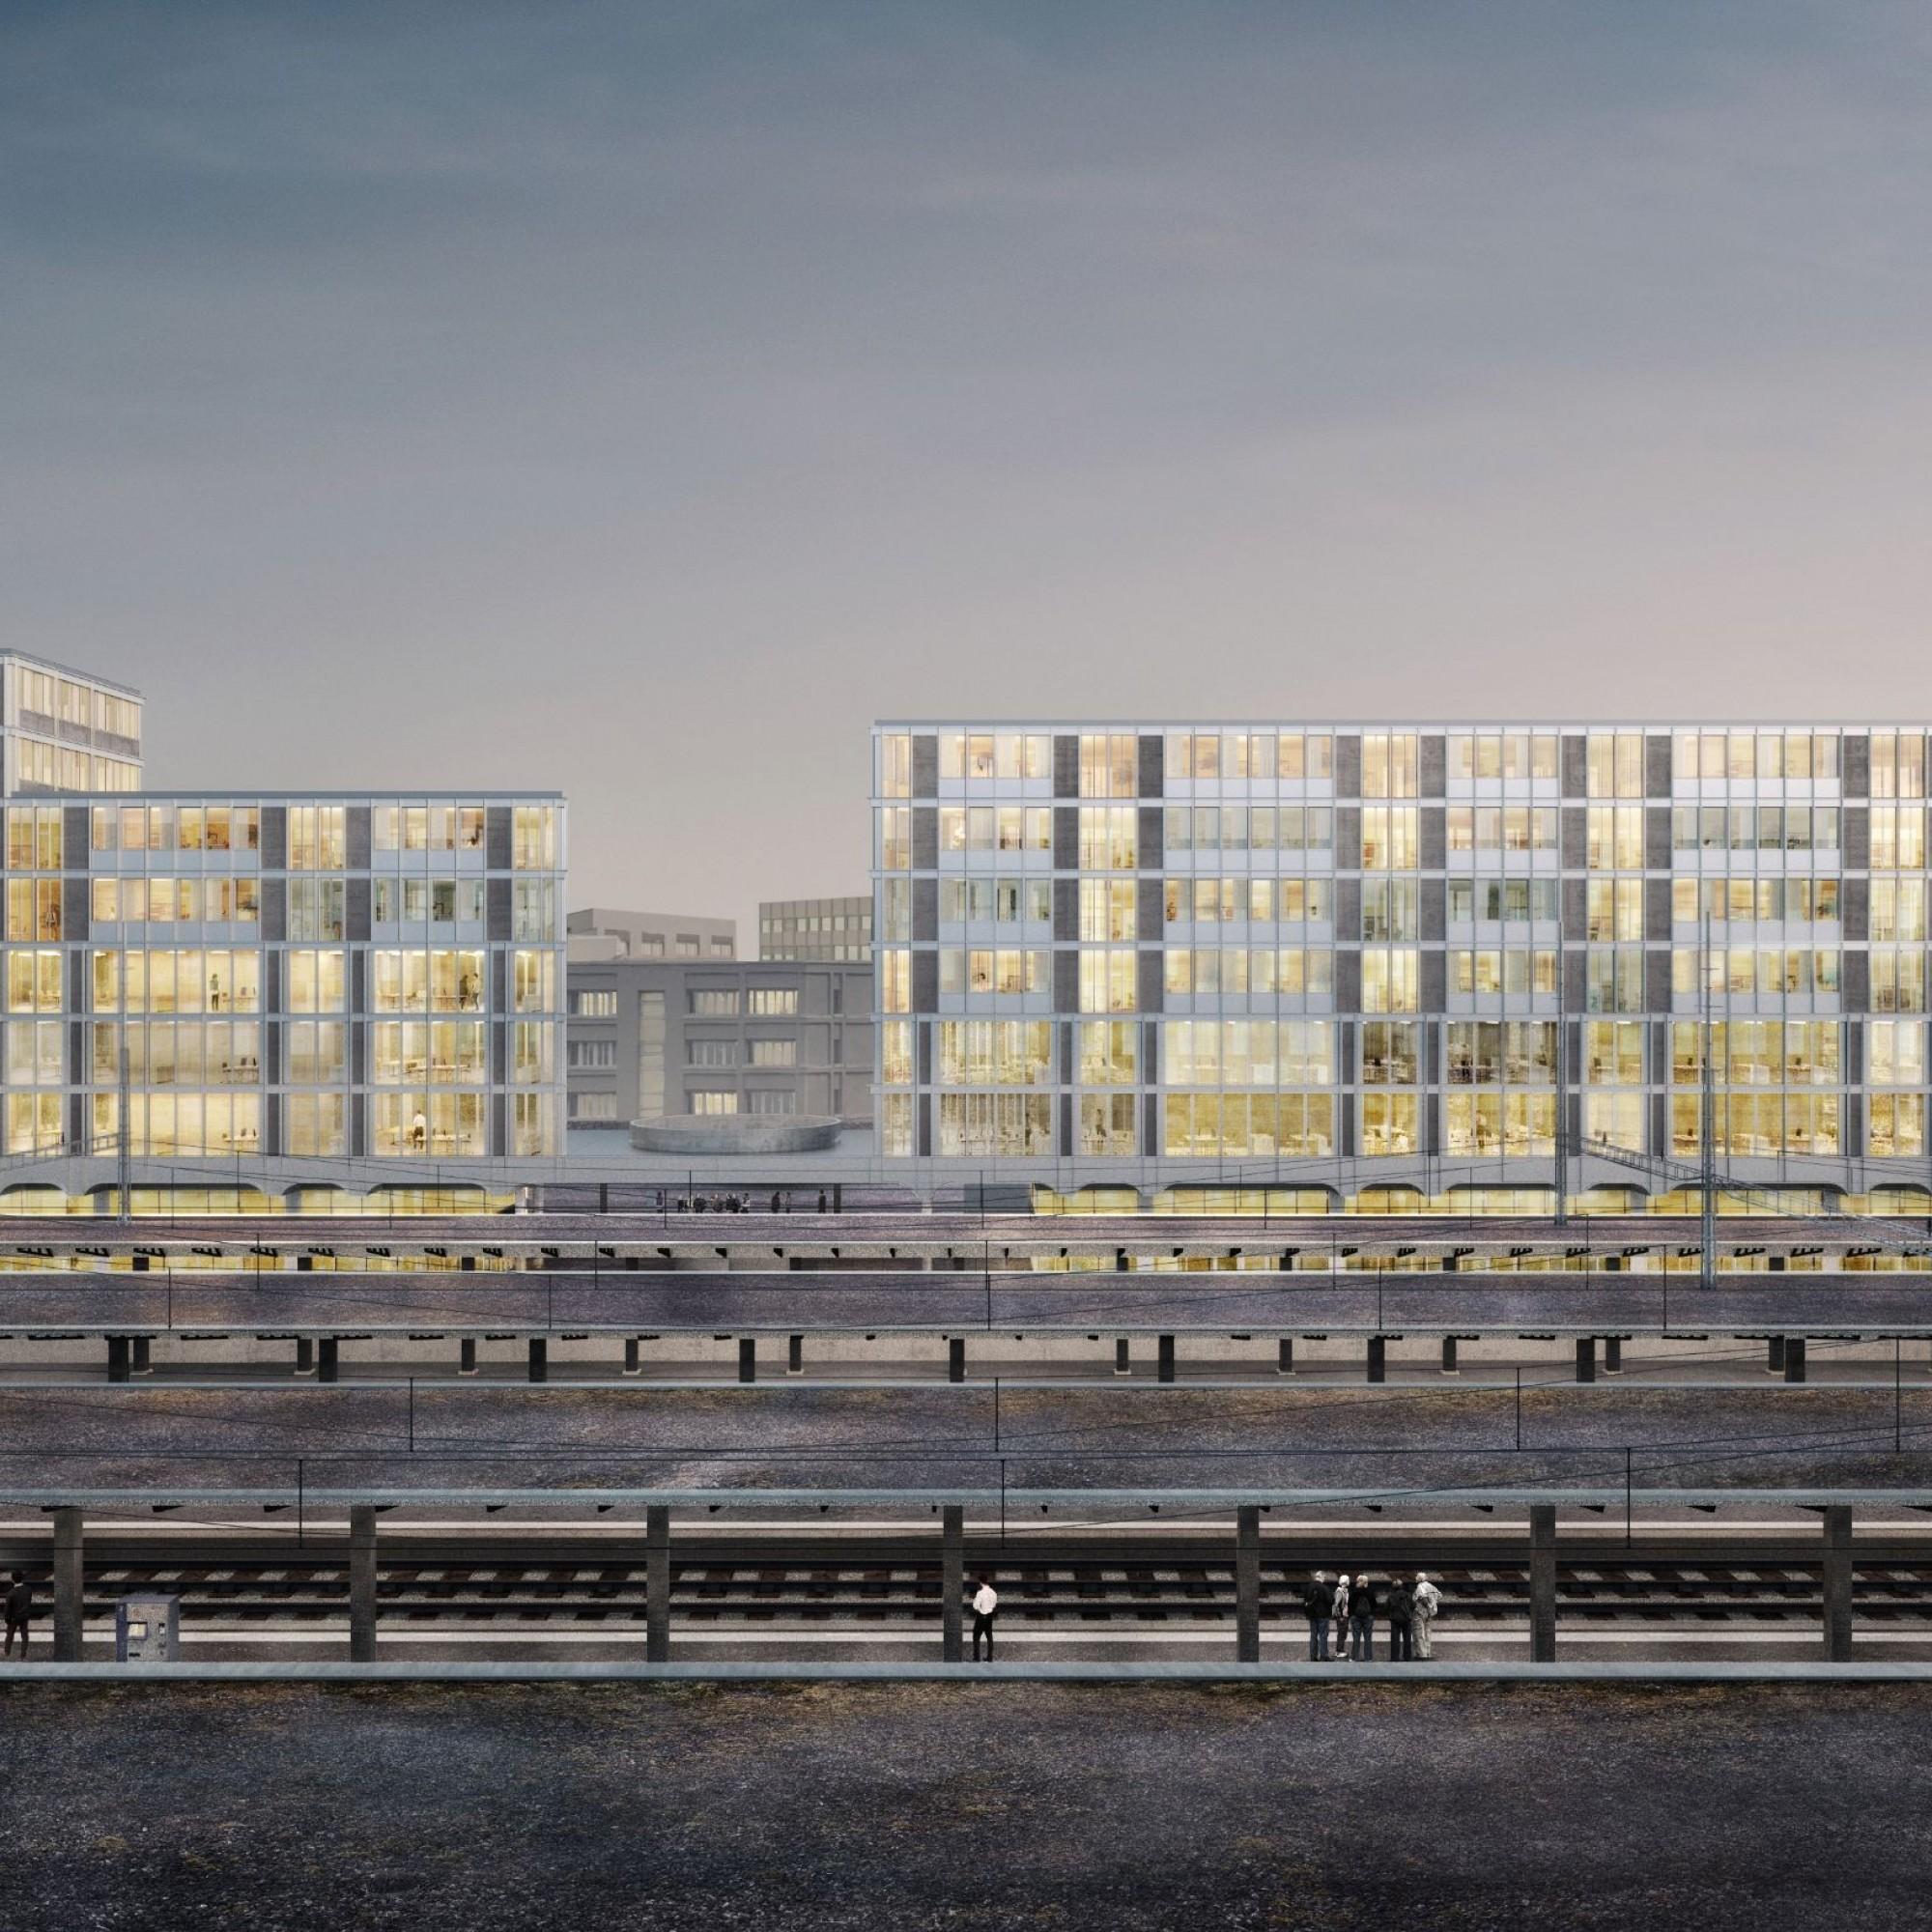 Die Südseite des Bahnhofs Aarauwird um einen neuen Komplex erweitert.